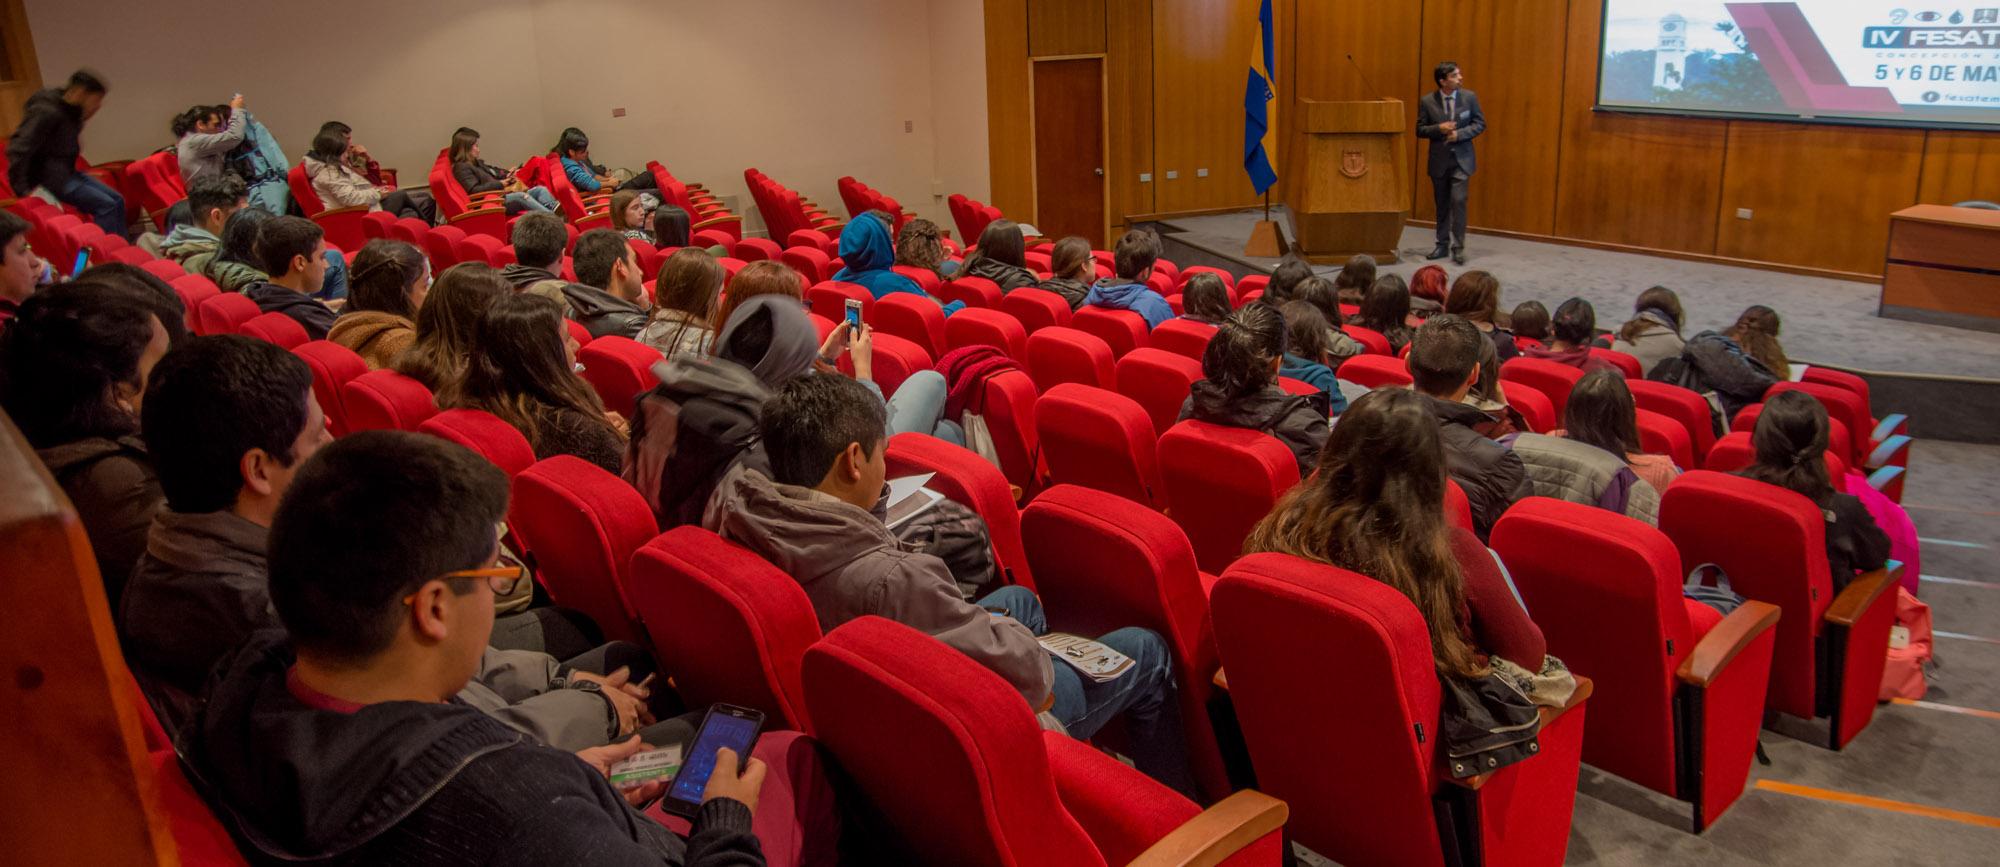 Infraestructura – Facultad de Medicina UdeC